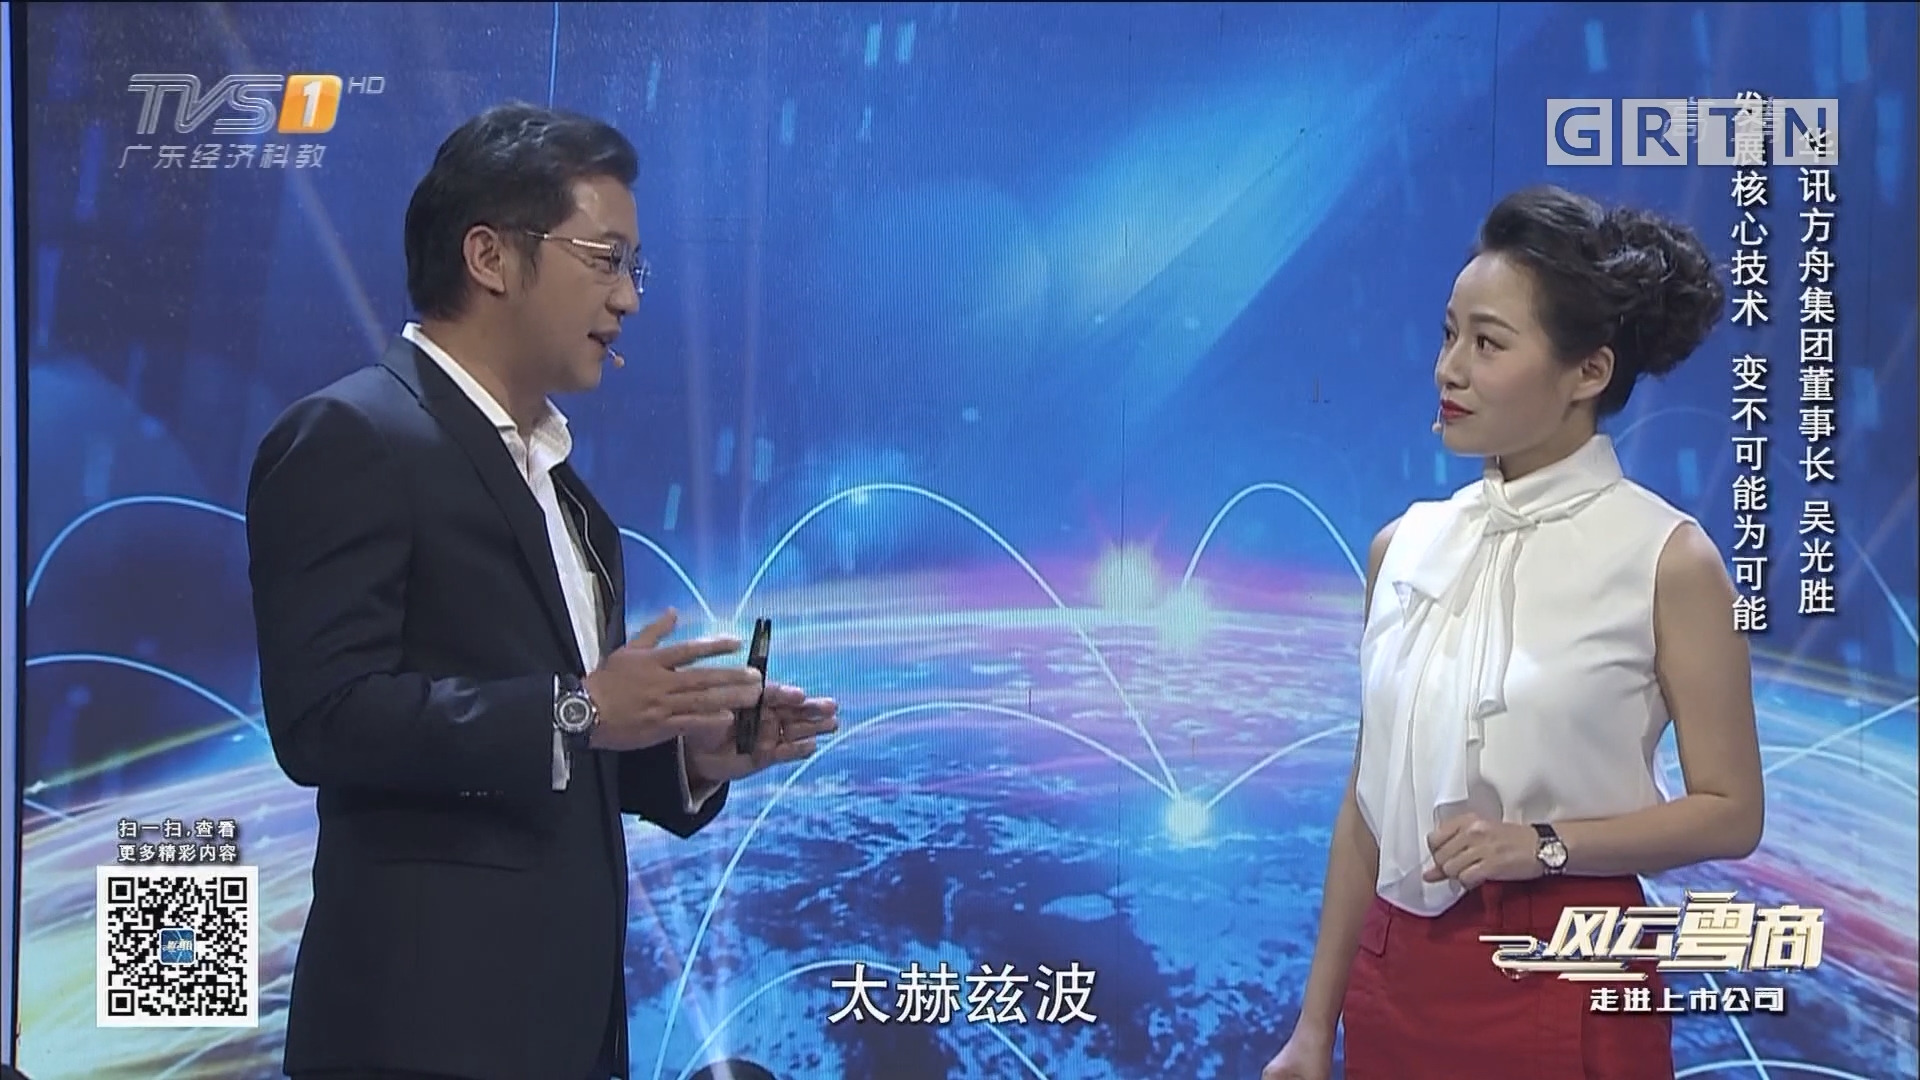 [2018-11-10]风云粤商:华讯方舟集团董事长 吴光胜 发展核心技术 变不可能为可能